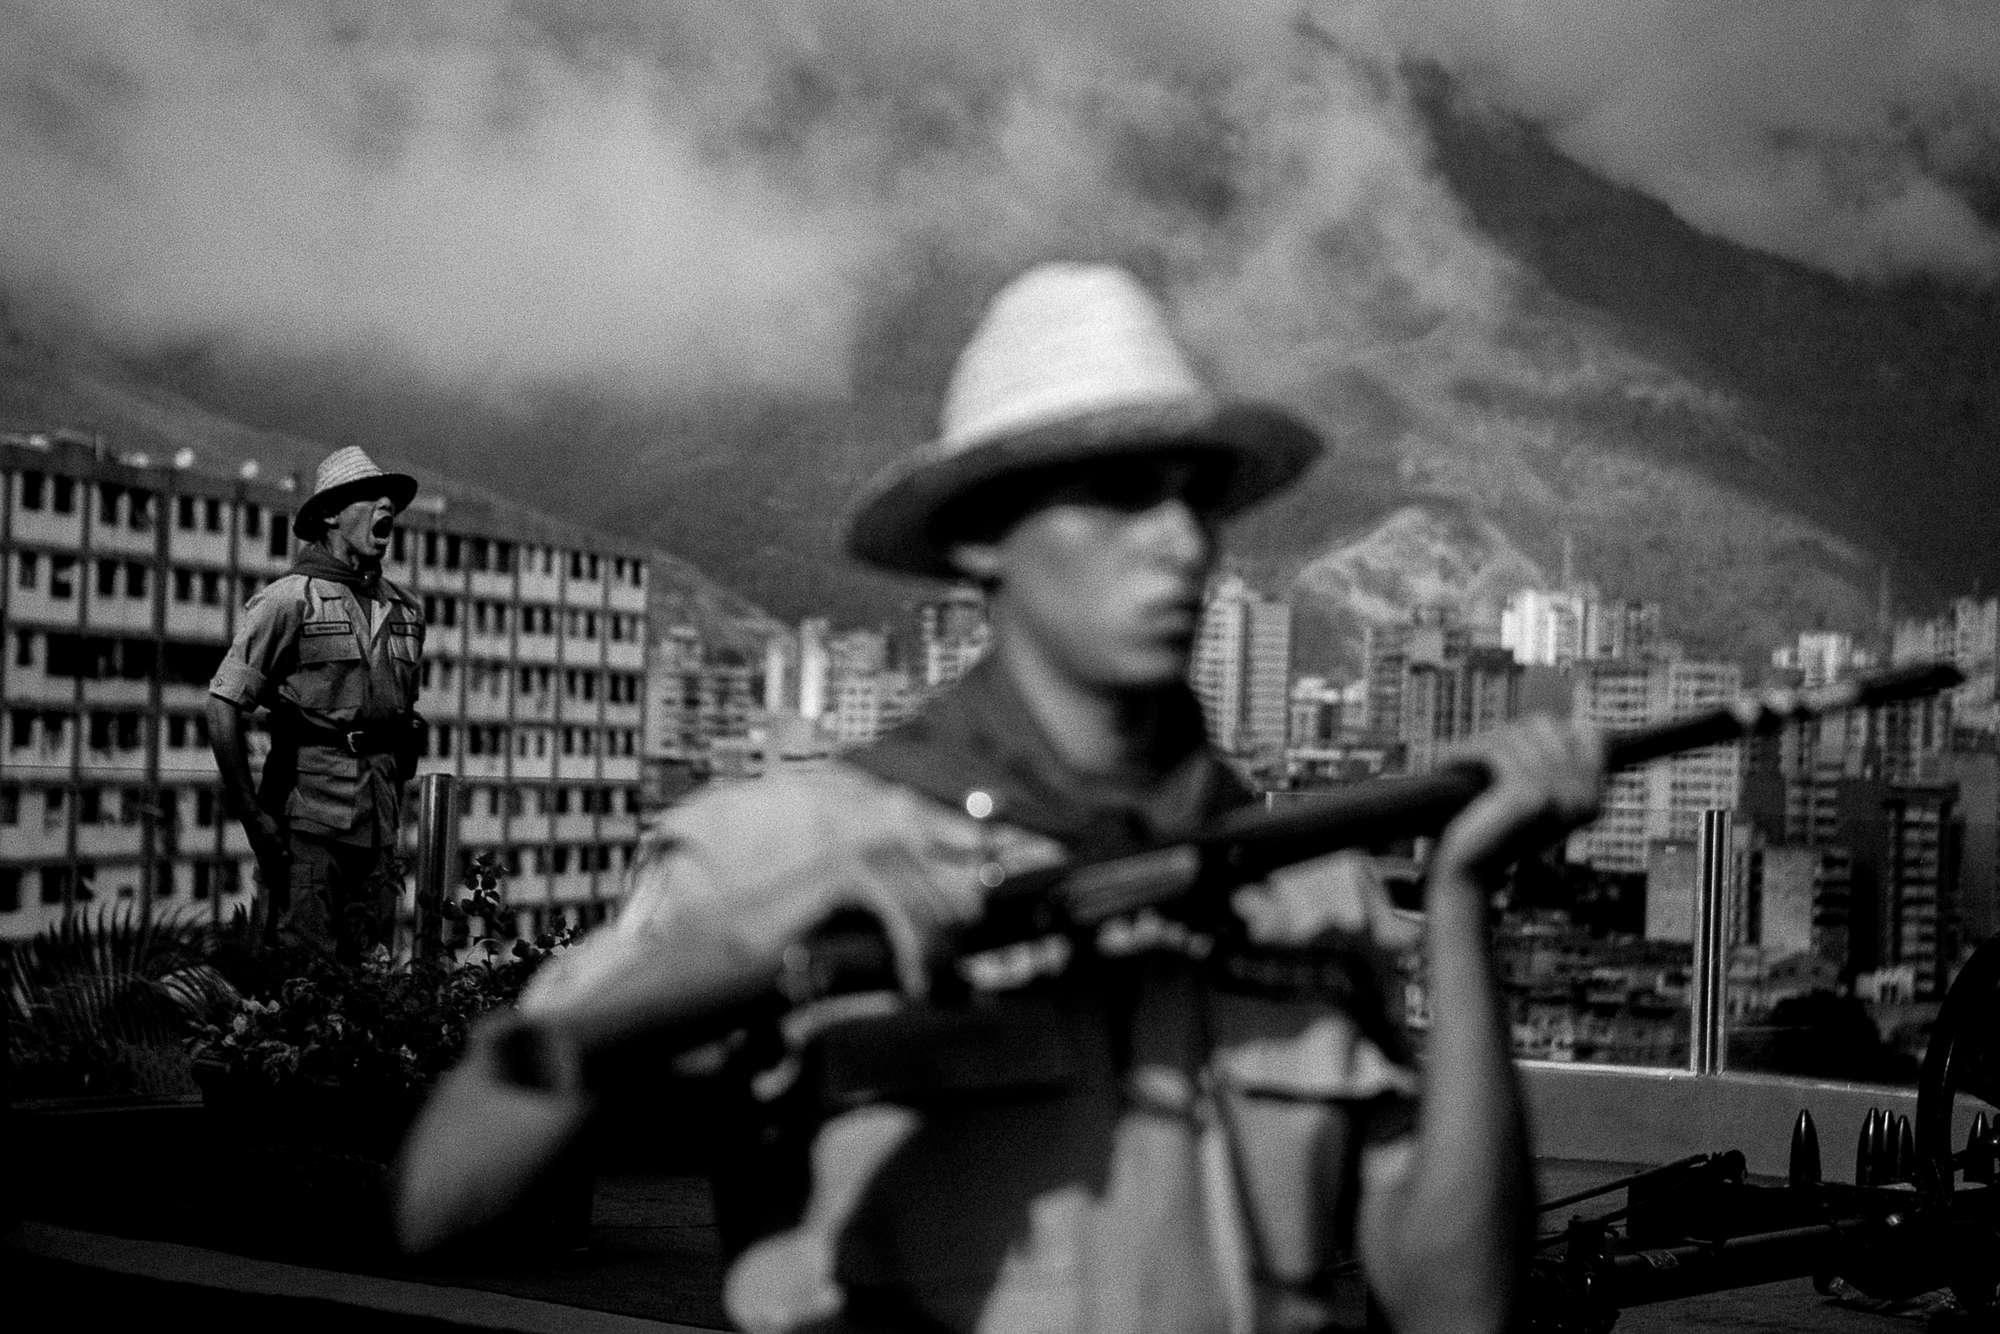 Le Monde: Colére noire á Caracas